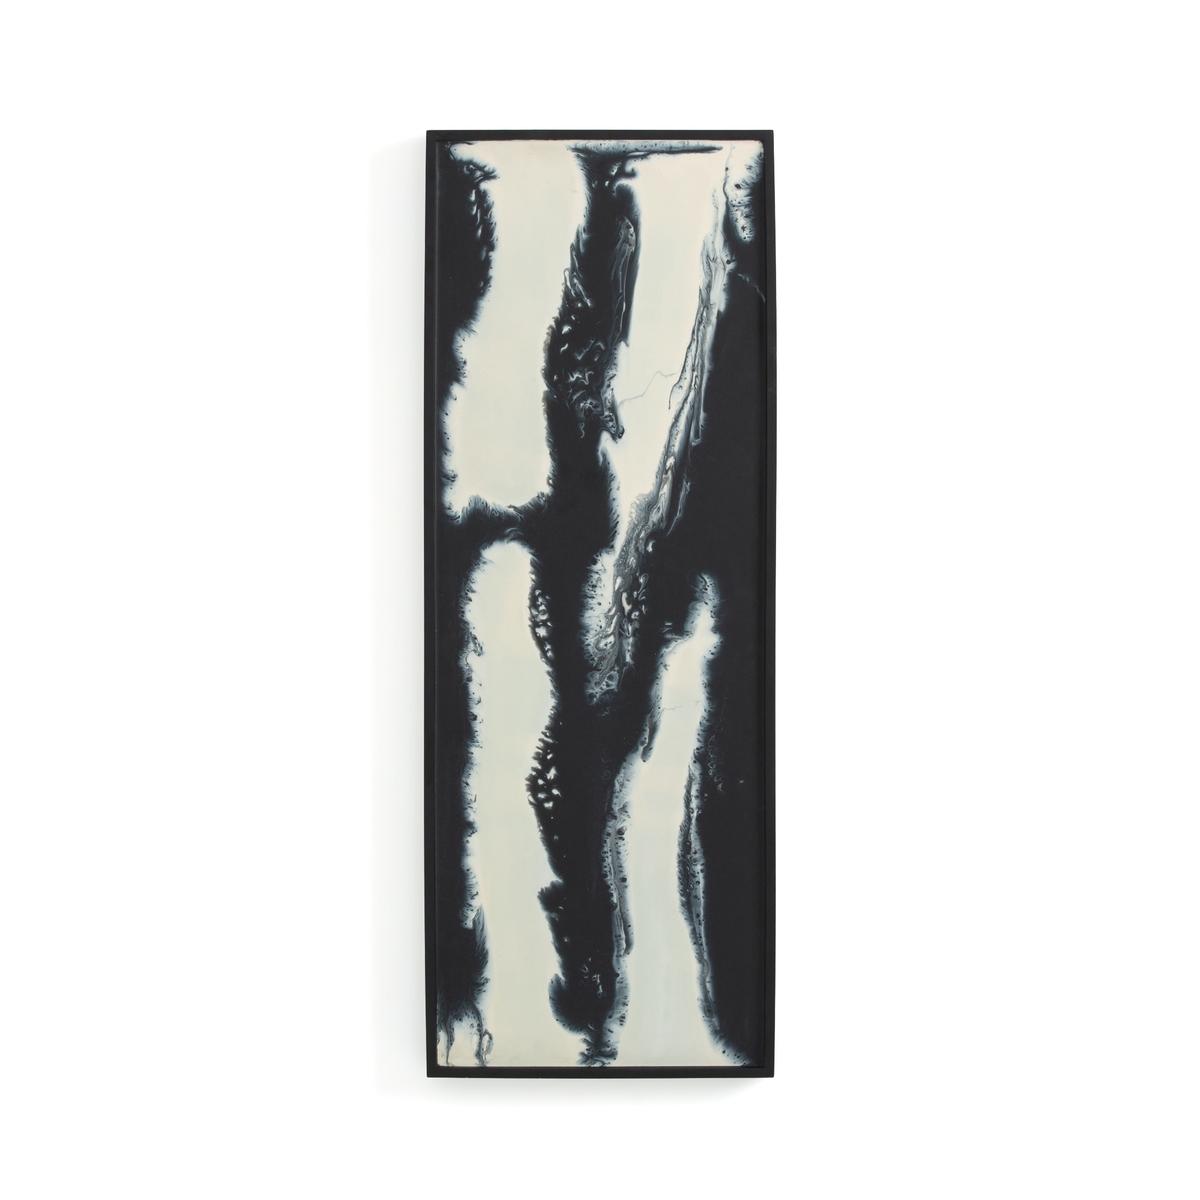 Рамка La Redoute Окрашенная из пластика ДxВ Song единый размер черный статуэтка la redoute в форме лица из пластика waraji единый размер черный